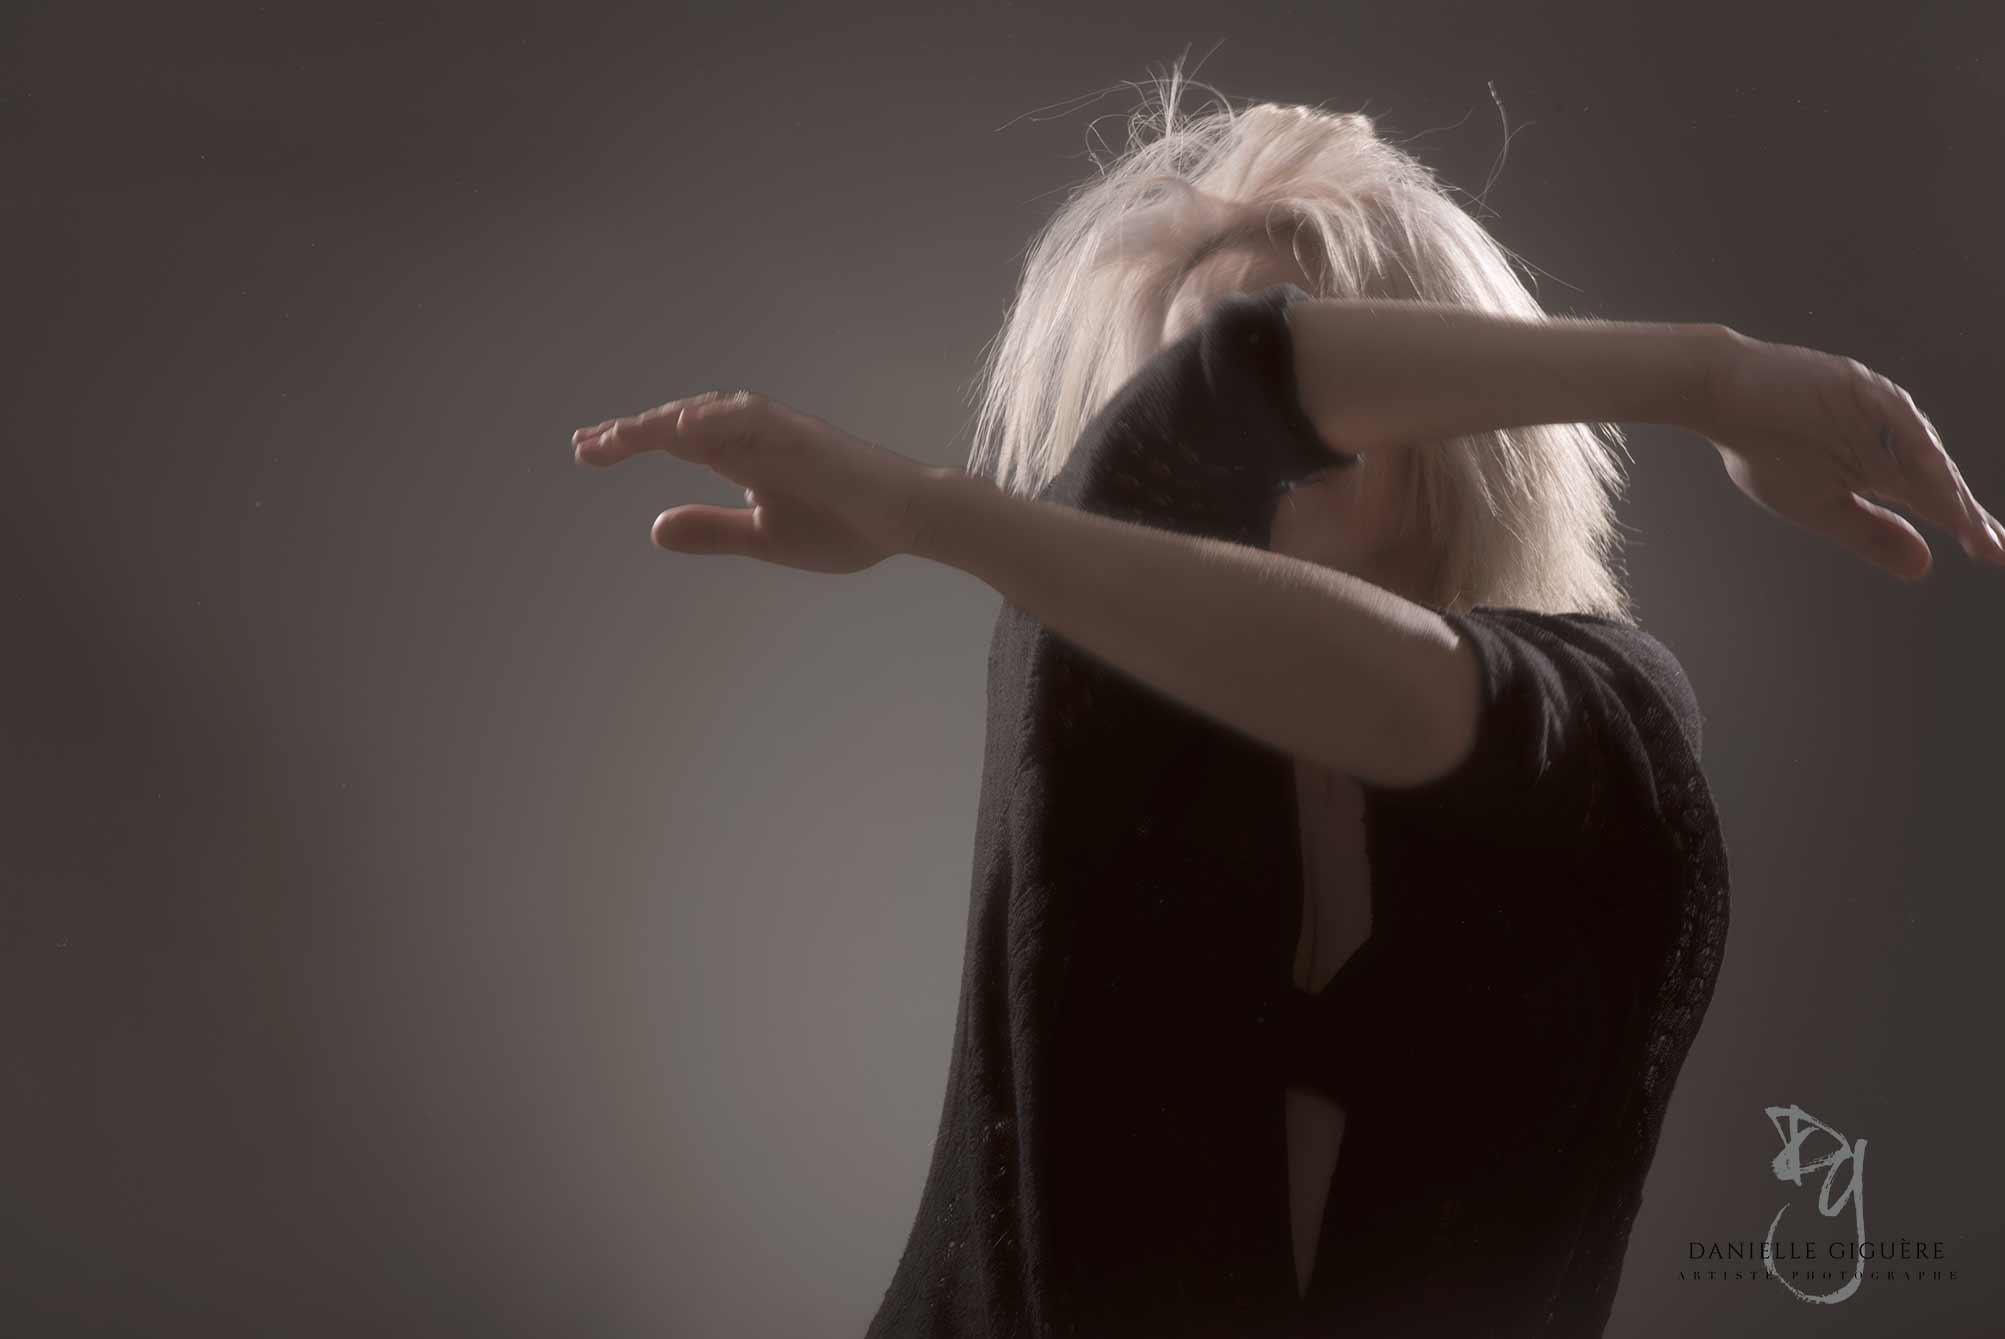 Stacy-Ann Murray qui danse avec ses bras / photographie du corps en studio